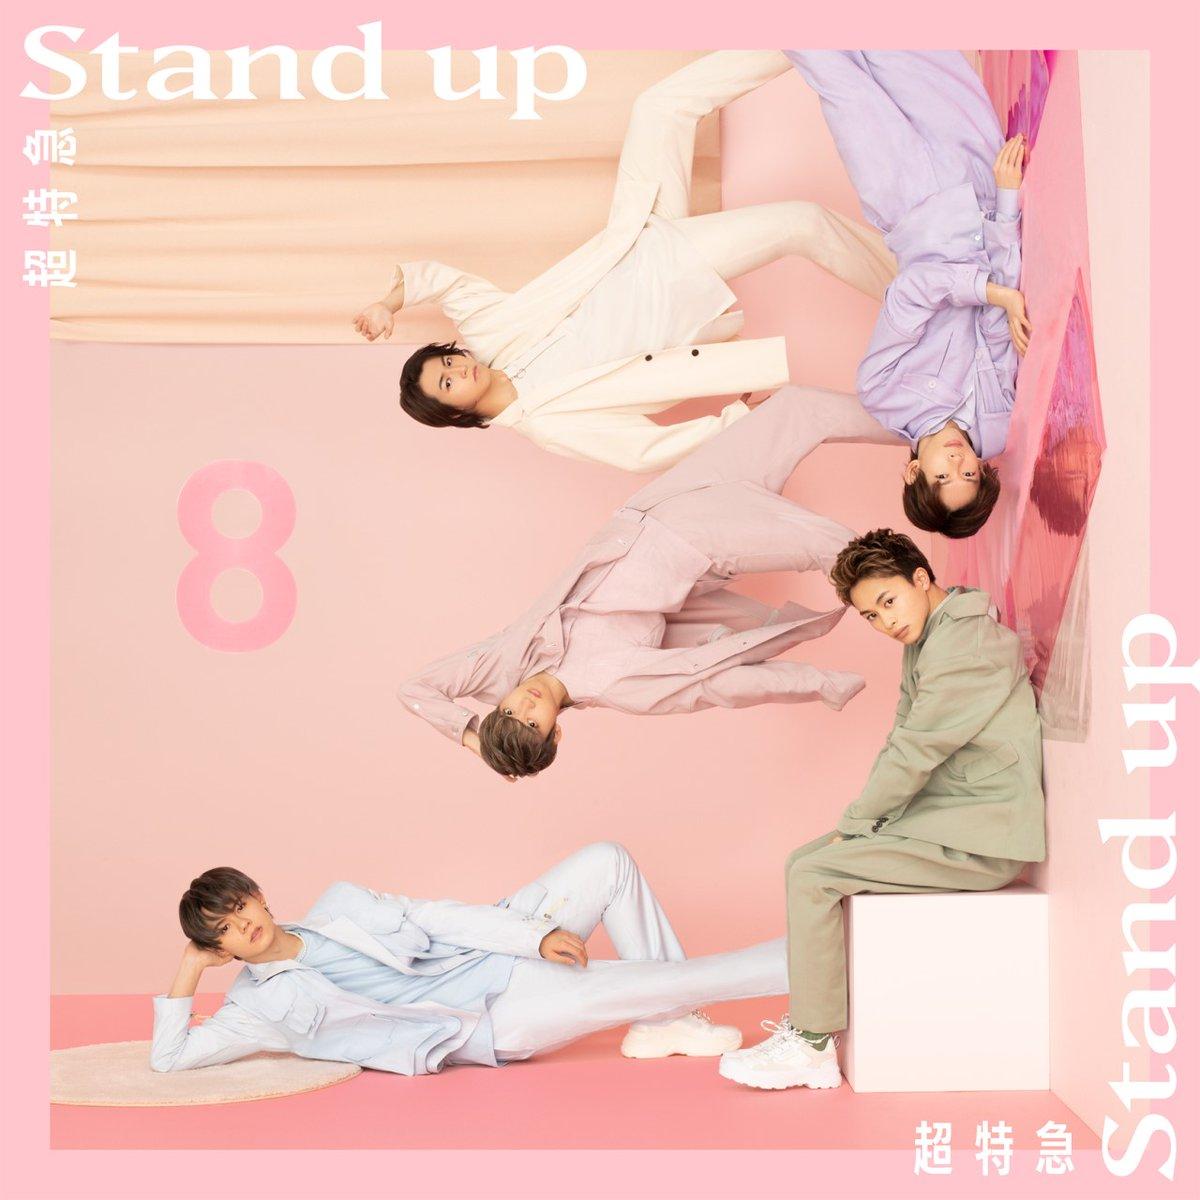 『超特急 - Table Manners』収録の『Stand up』ジャケット